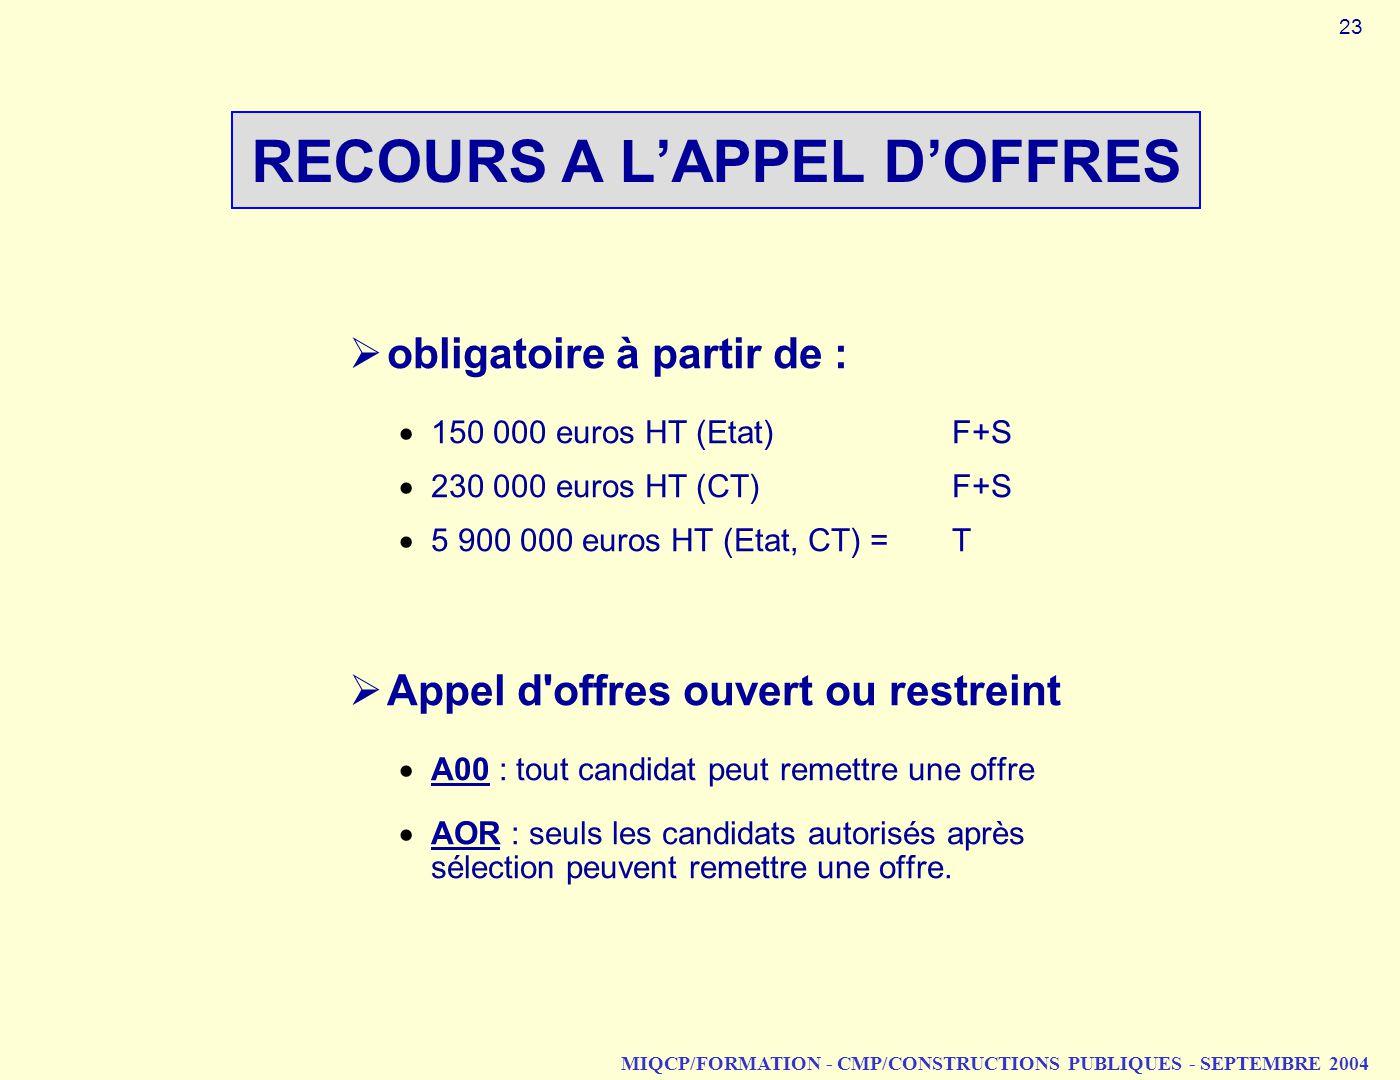 MIQCP/FORMATION - CMP/CONSTRUCTIONS PUBLIQUES - SEPTEMBRE 2004 RECOURS A LAPPEL DOFFRES obligatoire à partir de : 150 000 euros HT (Etat) F+S 230 000